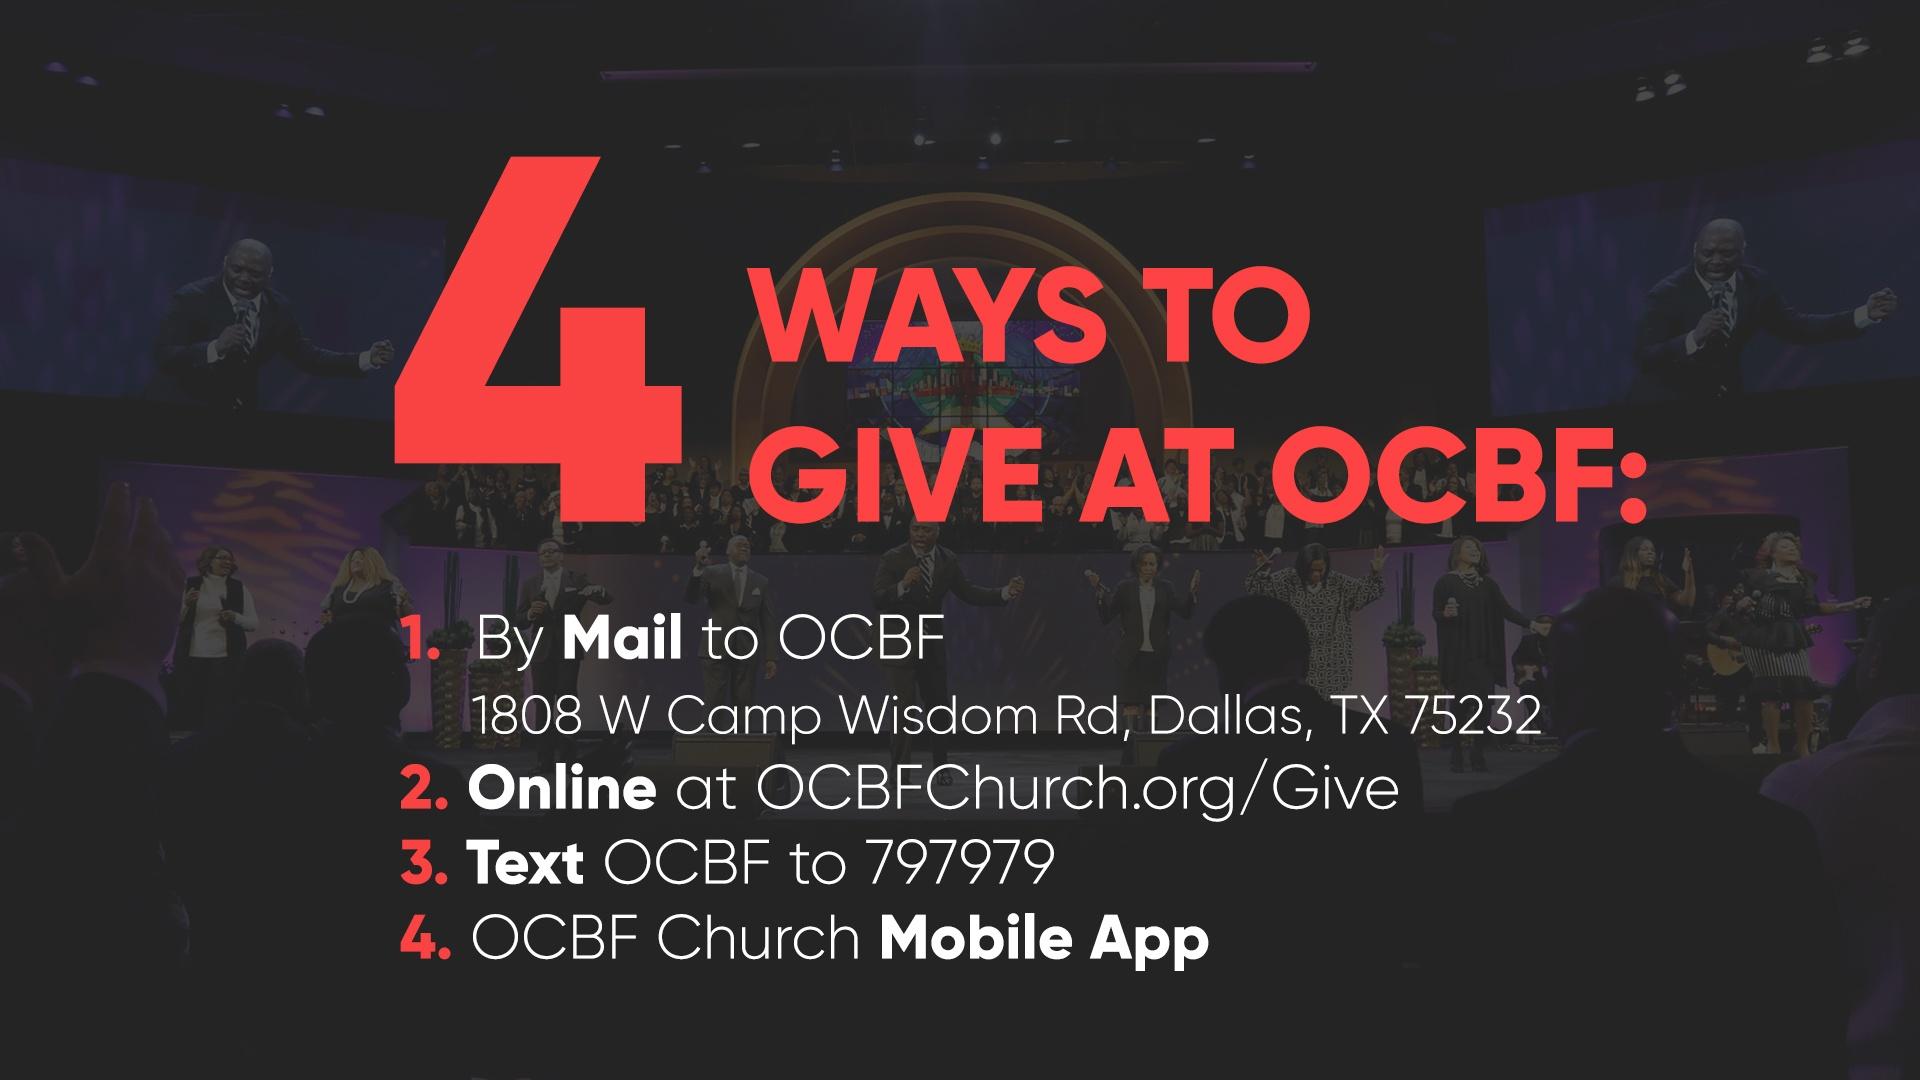 4 ways to give to Oak Cliff Bible Fellowship (OCBF)